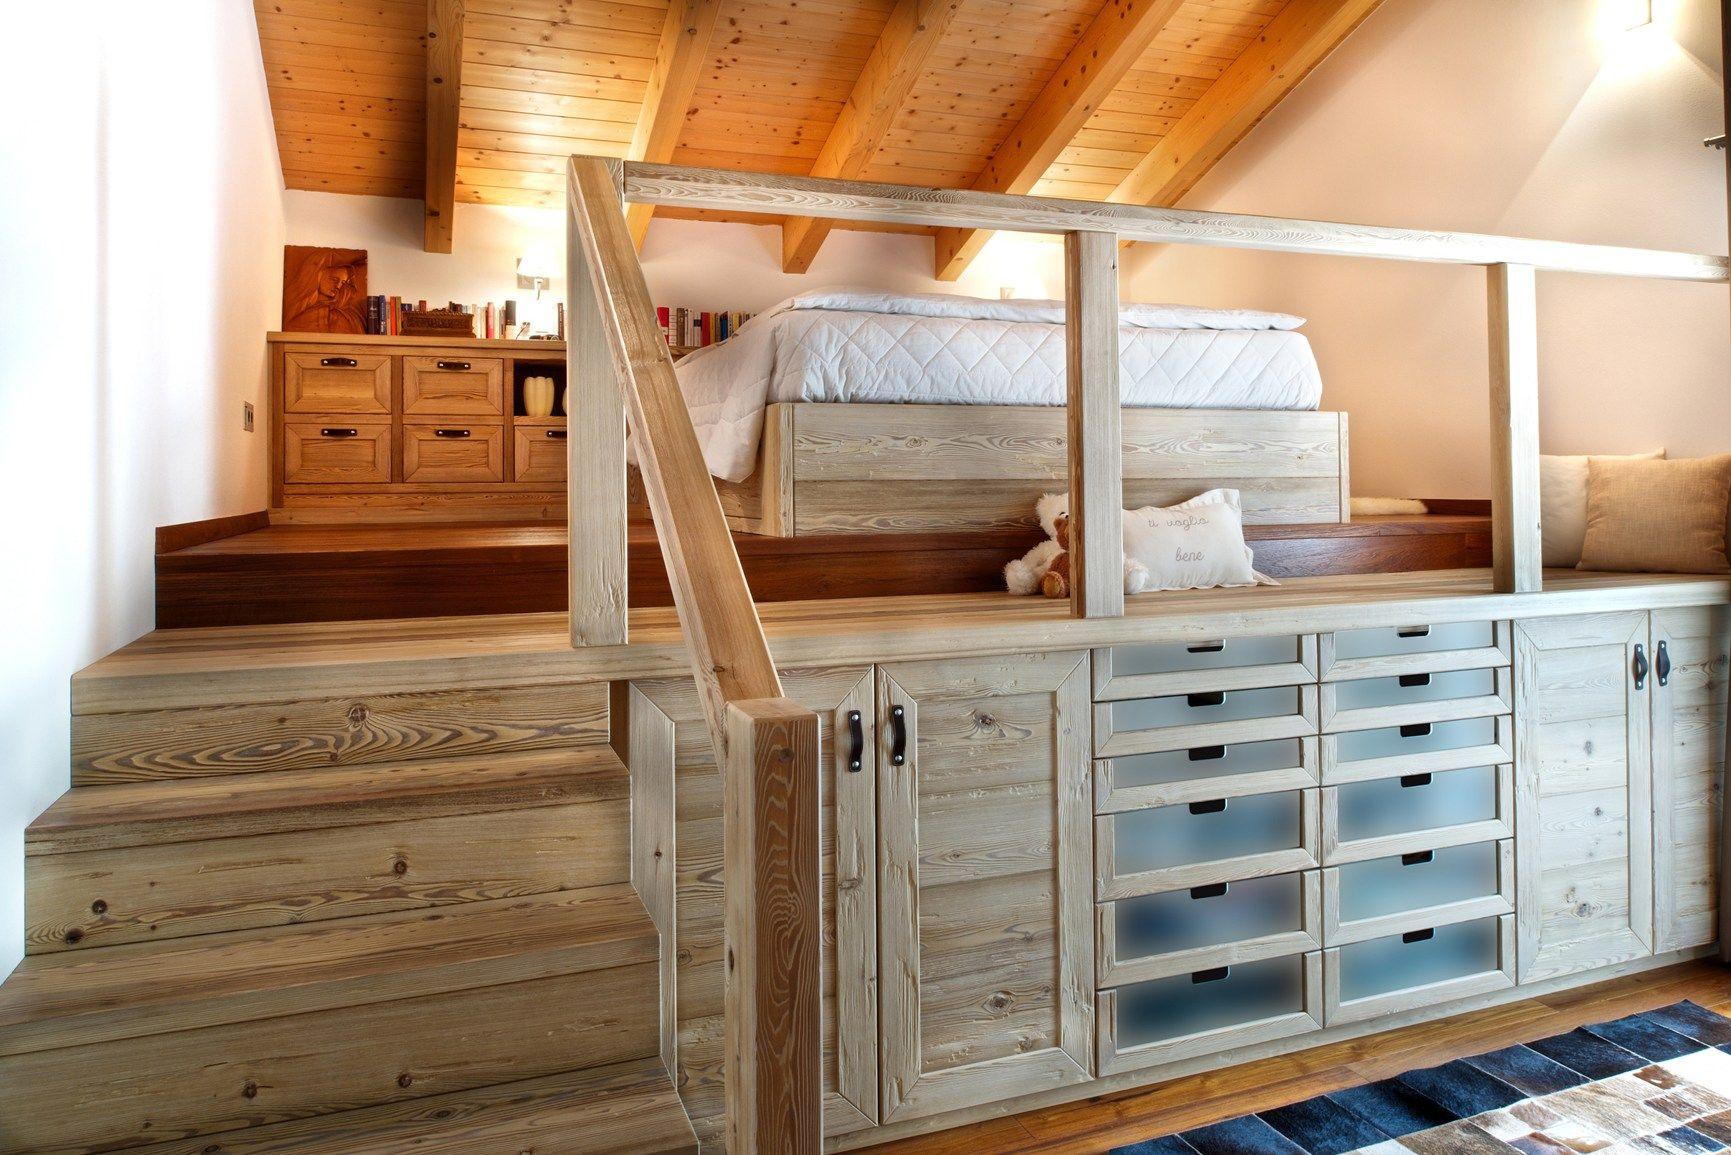 Mansarde come sfruttare al meglio gli spazi - Camerette bambini legno naturale ...